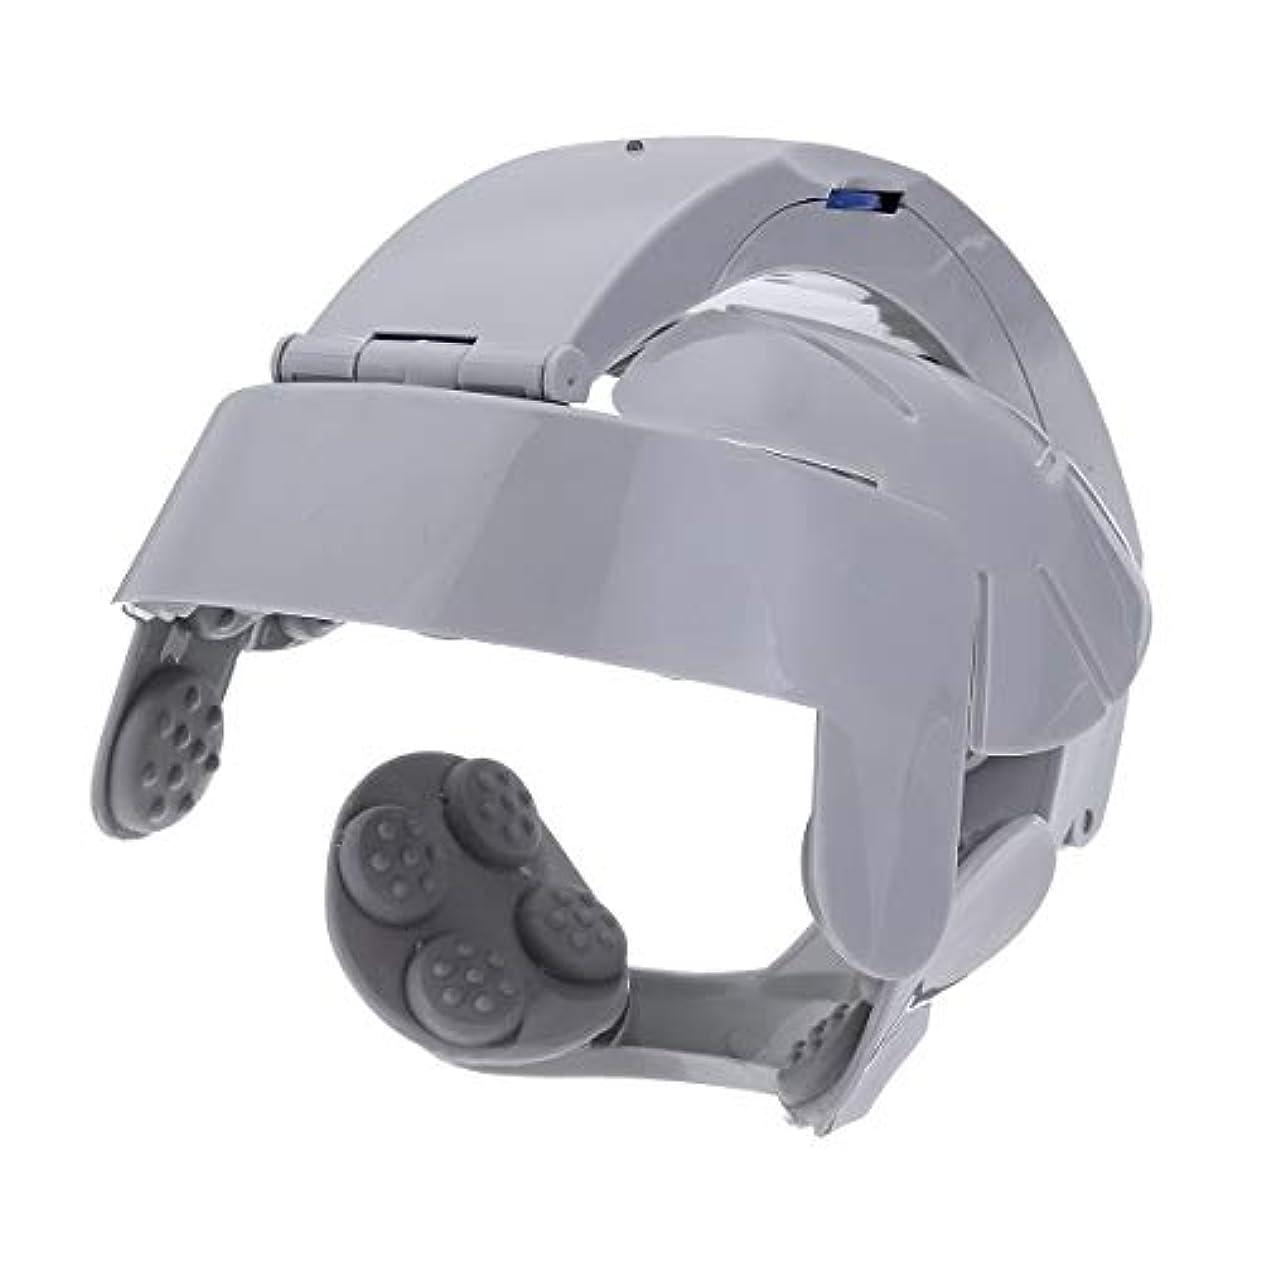 遠いキャスト学部長ヘッド振動マッサージ電動ヘッドマッサージリラックス脳経穴ストレス解放マシンポータブルのためのホーム使用